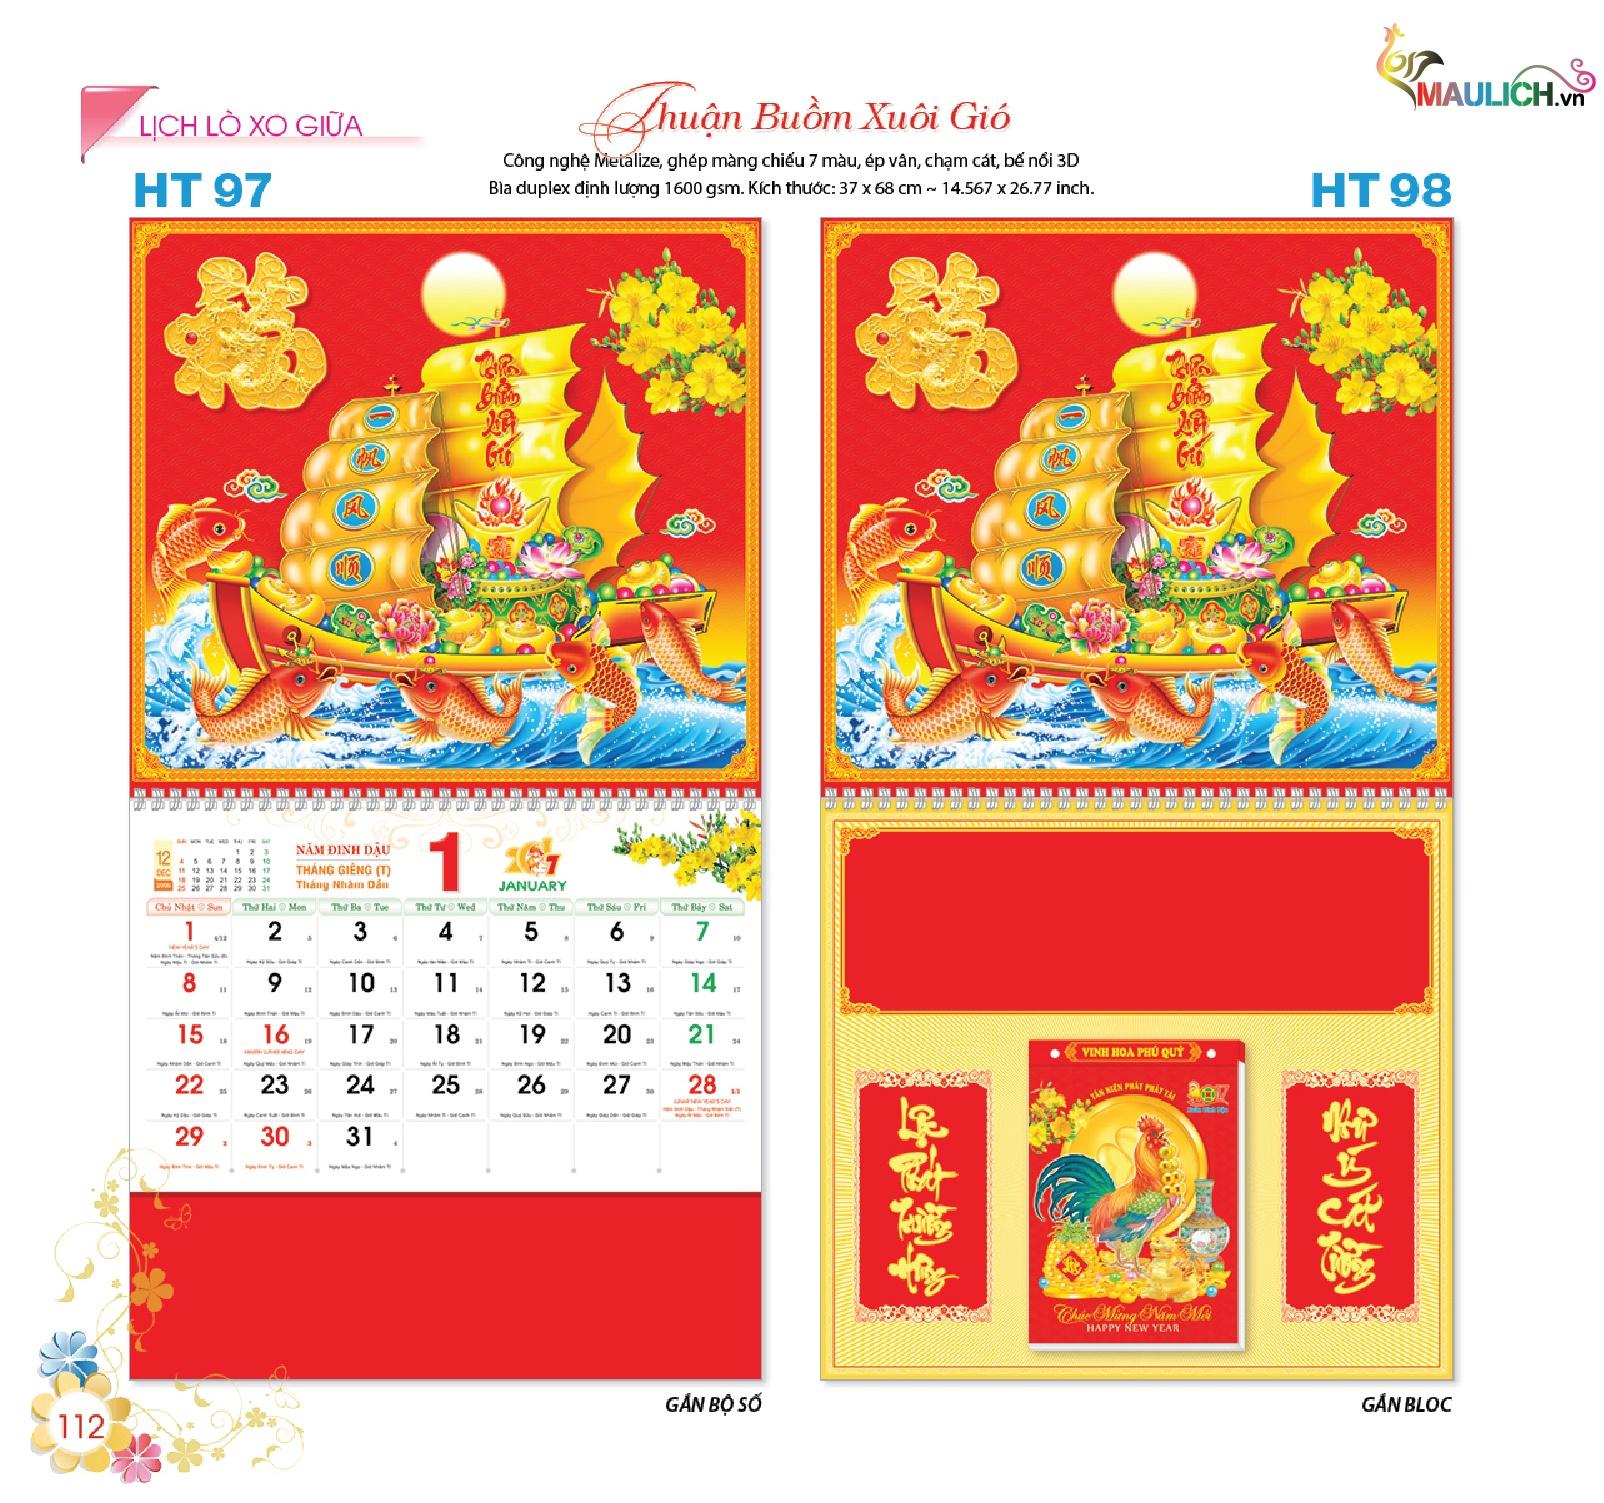 HT-98: Lịch treo tường lò xo giữa (gắn bloc) - Thuận buồm xuôi gió